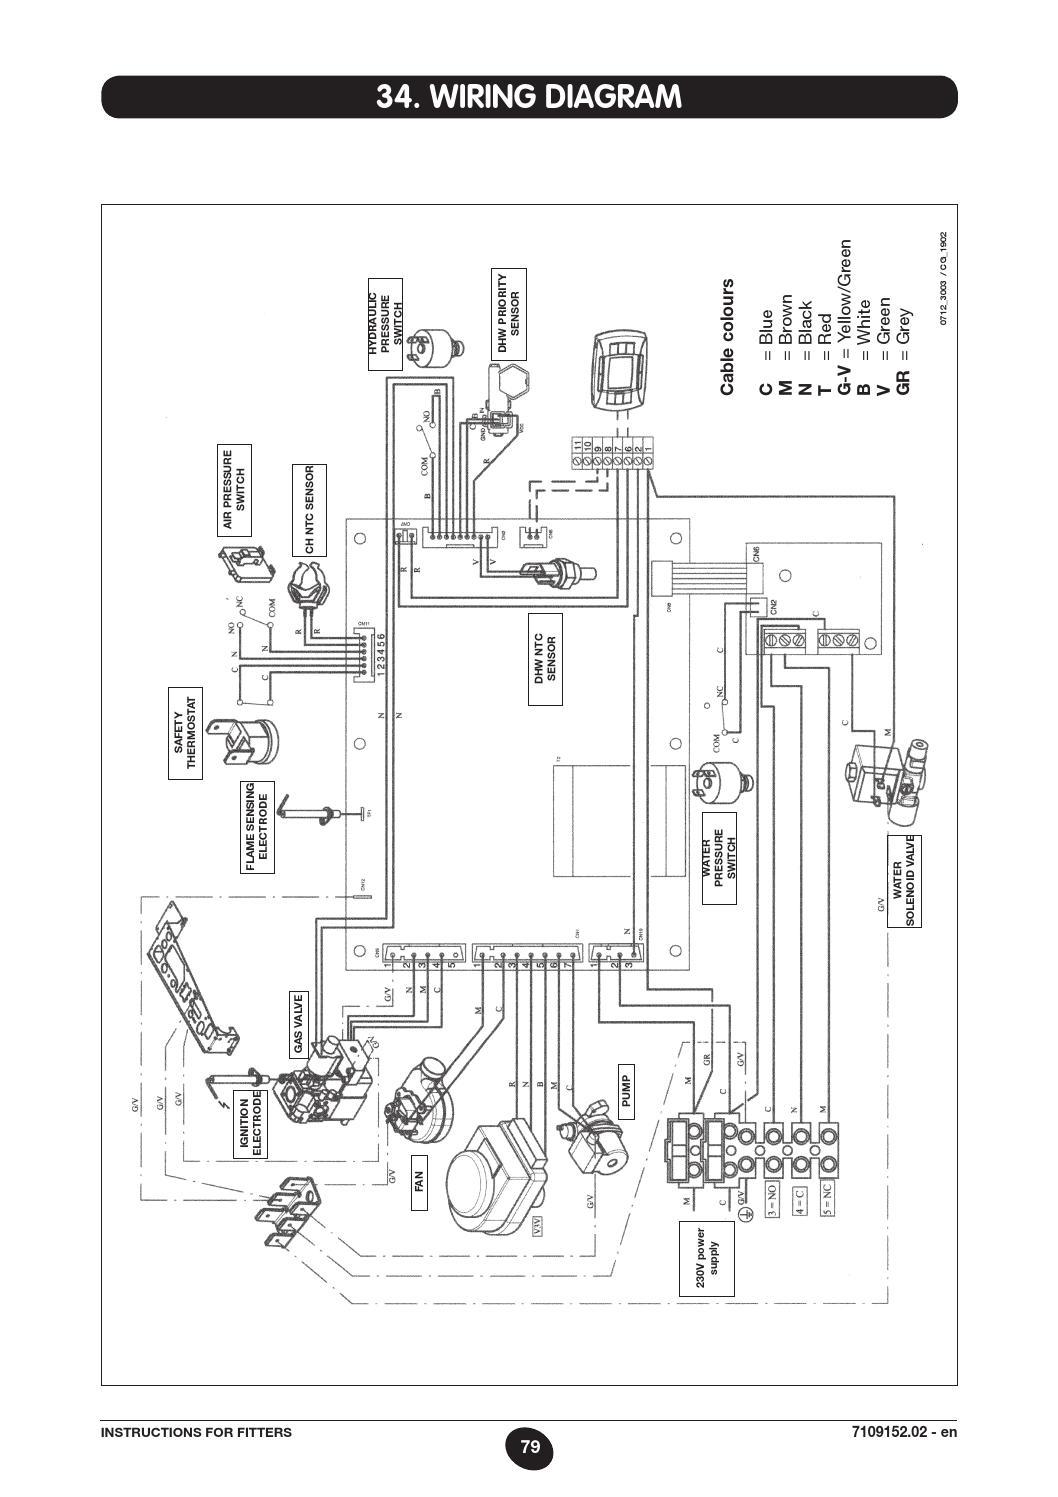 baxi megaflo wiring diagram glacier bay kitchen faucet luna related keywords